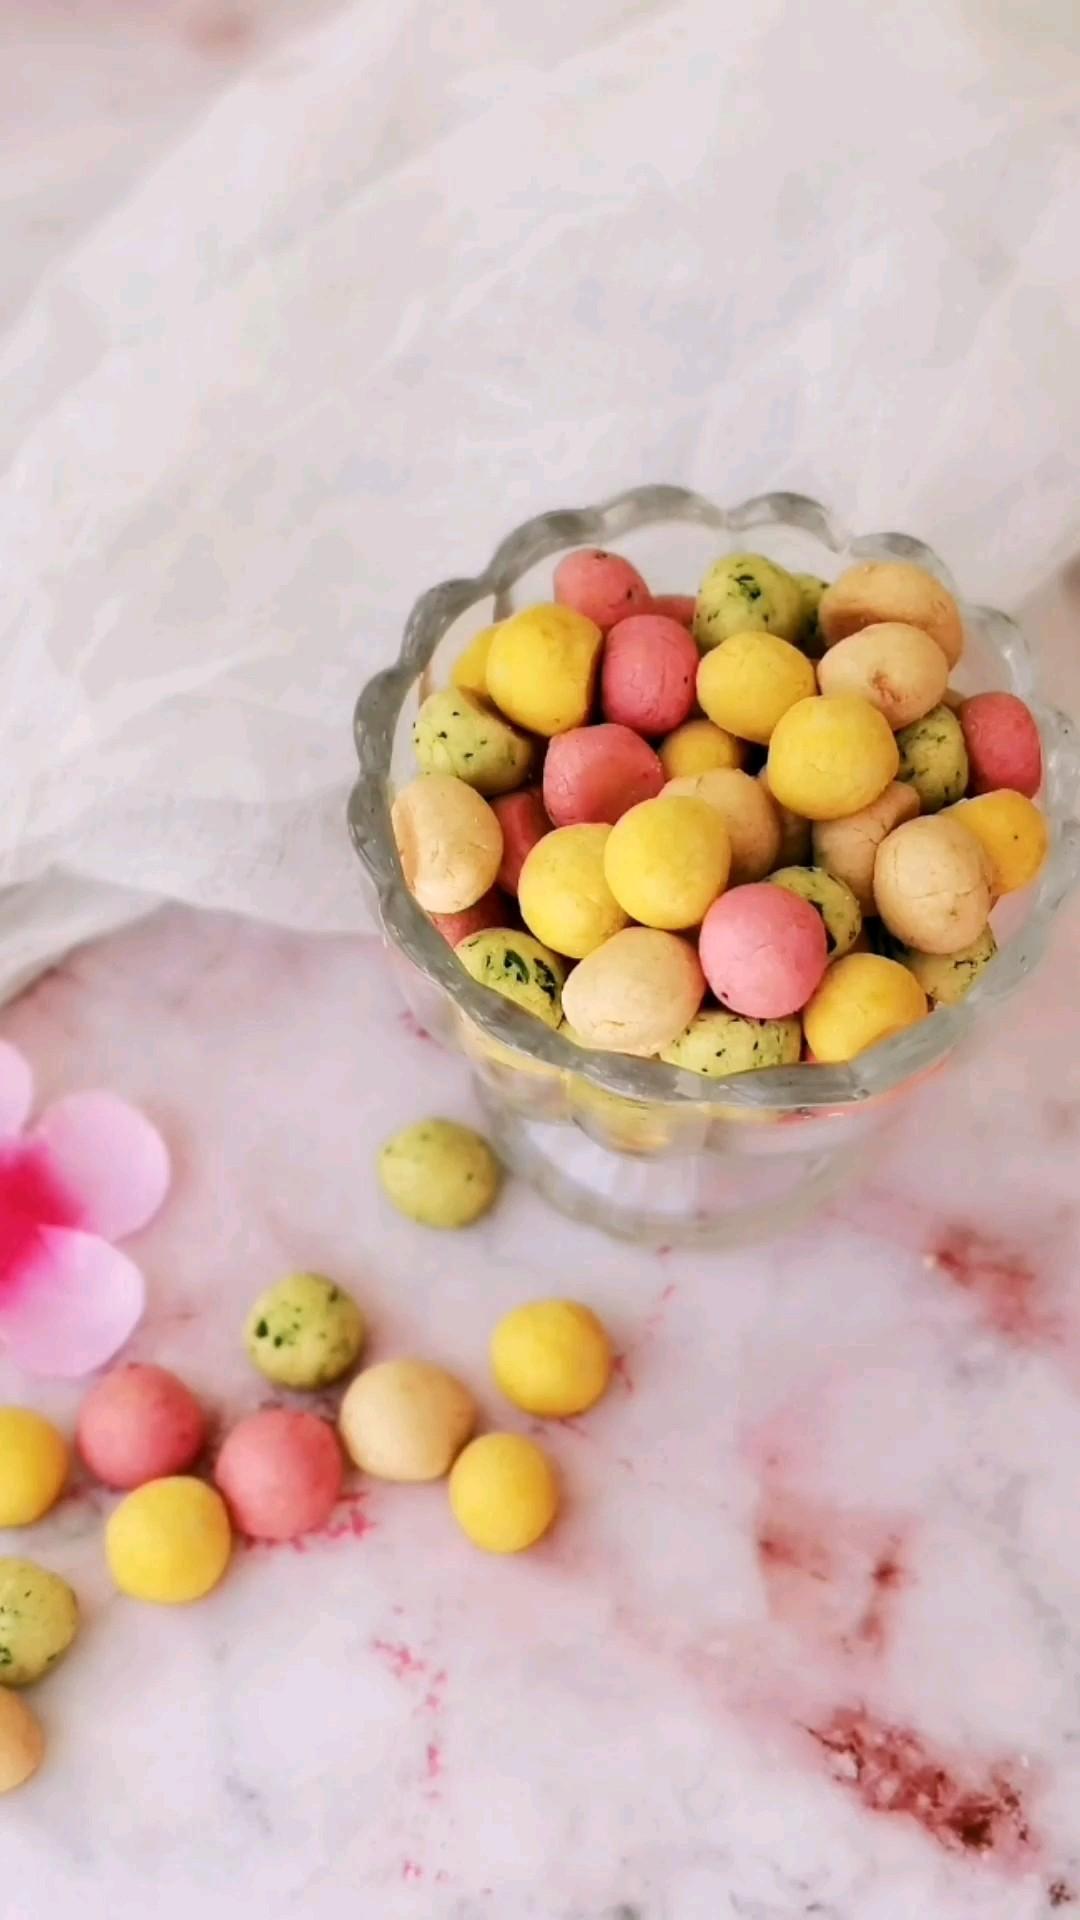 宝宝果蔬奶豆